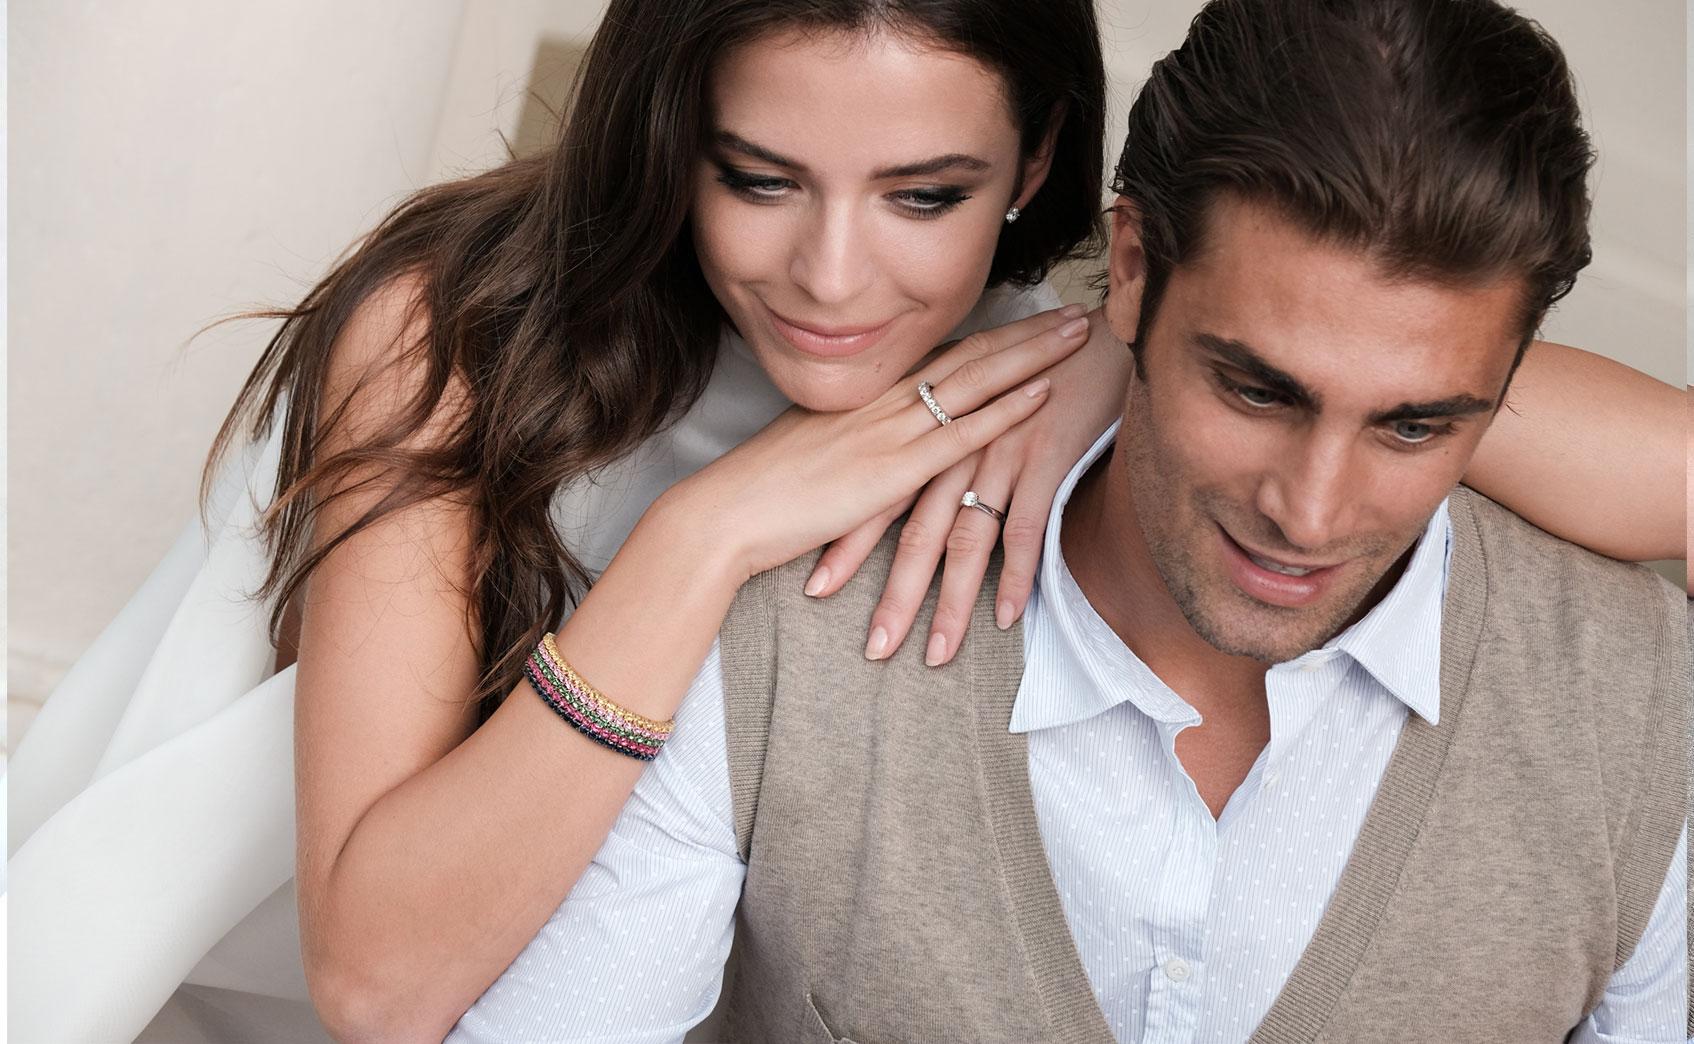 extensible couple elastic tennis bracelet